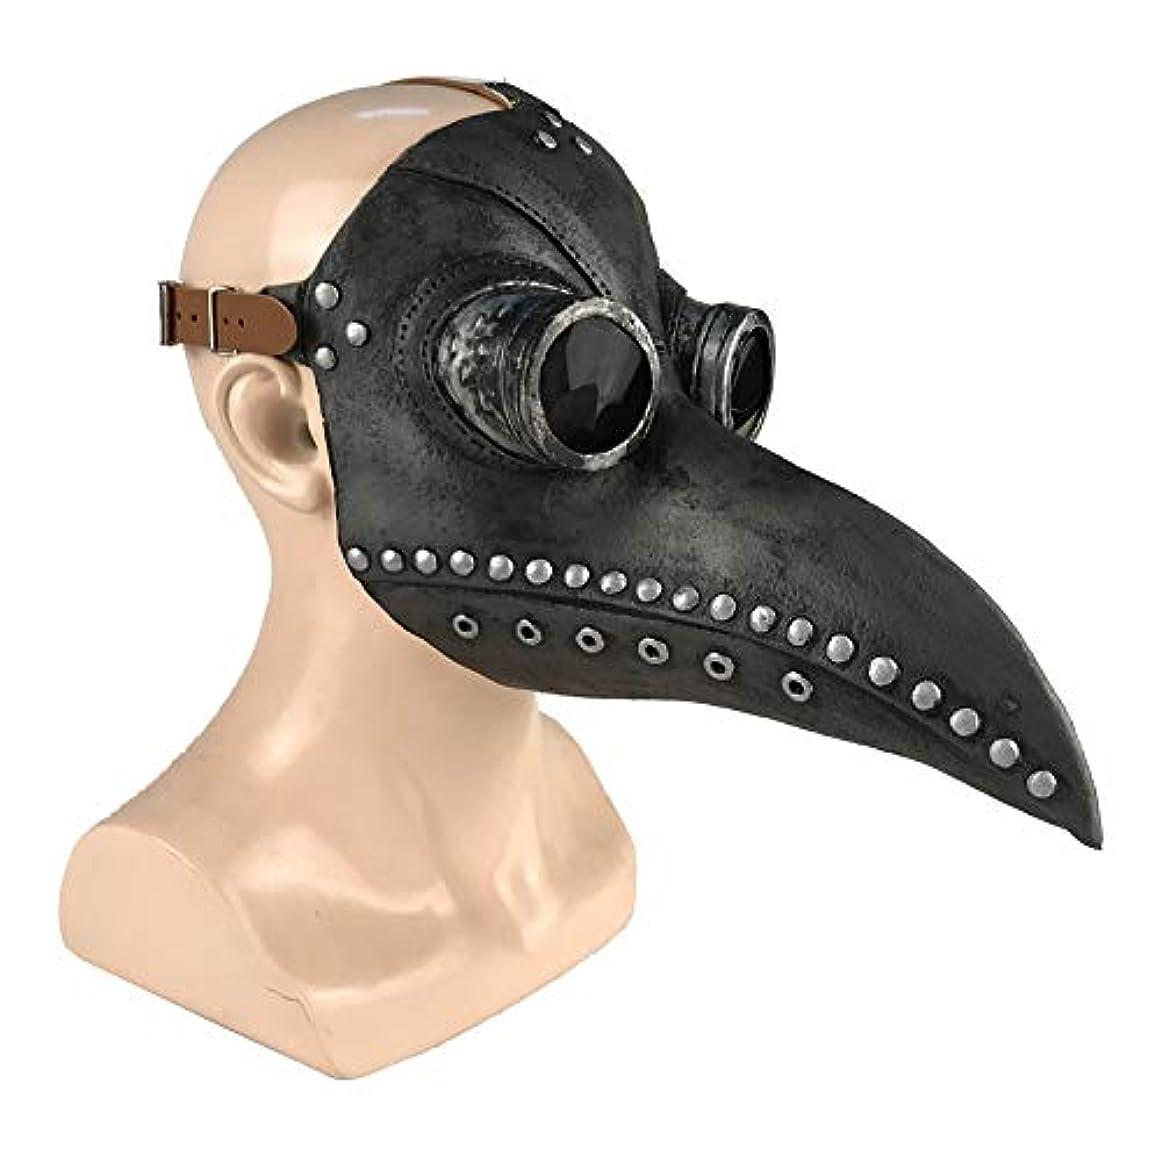 うん着陸剪断Esolom ハロウィンマスク ペストスチーム喙ドクターマスク ホリデーパーティー用品 黒 銅の爪 ホラーマスク ハロウィンデコレーション 通気性